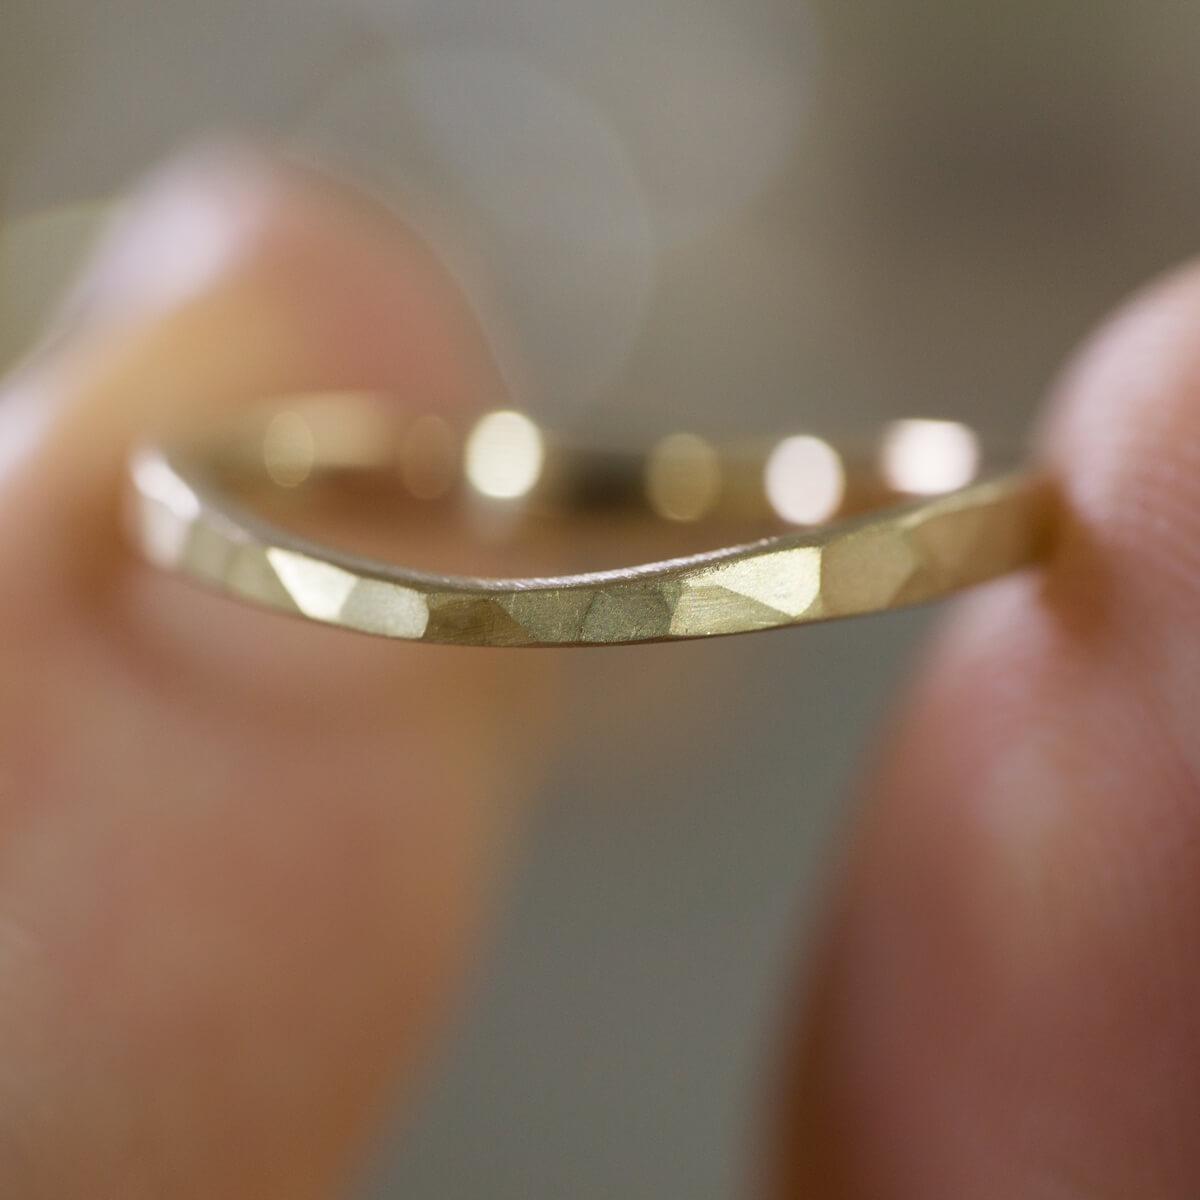 手に持って 角度2 オーダーメイドマリッジリング ジュエリーのアトリエ シャンパンゴールド 屋久島でつくる結婚指輪